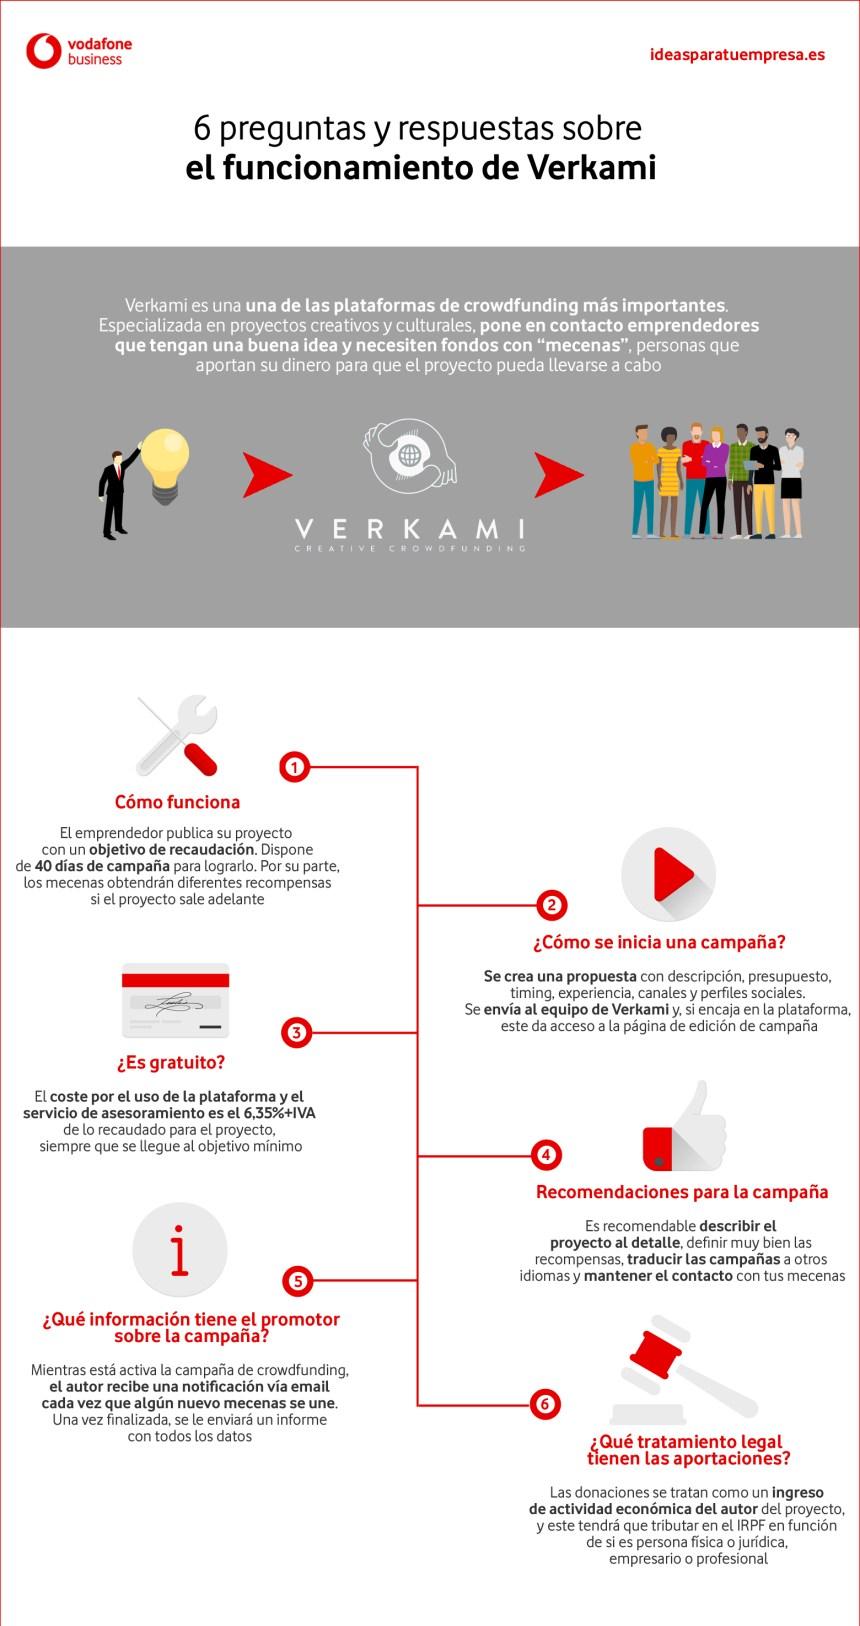 6 preguntas y respuestas sobre el funcionamiento de Verkami